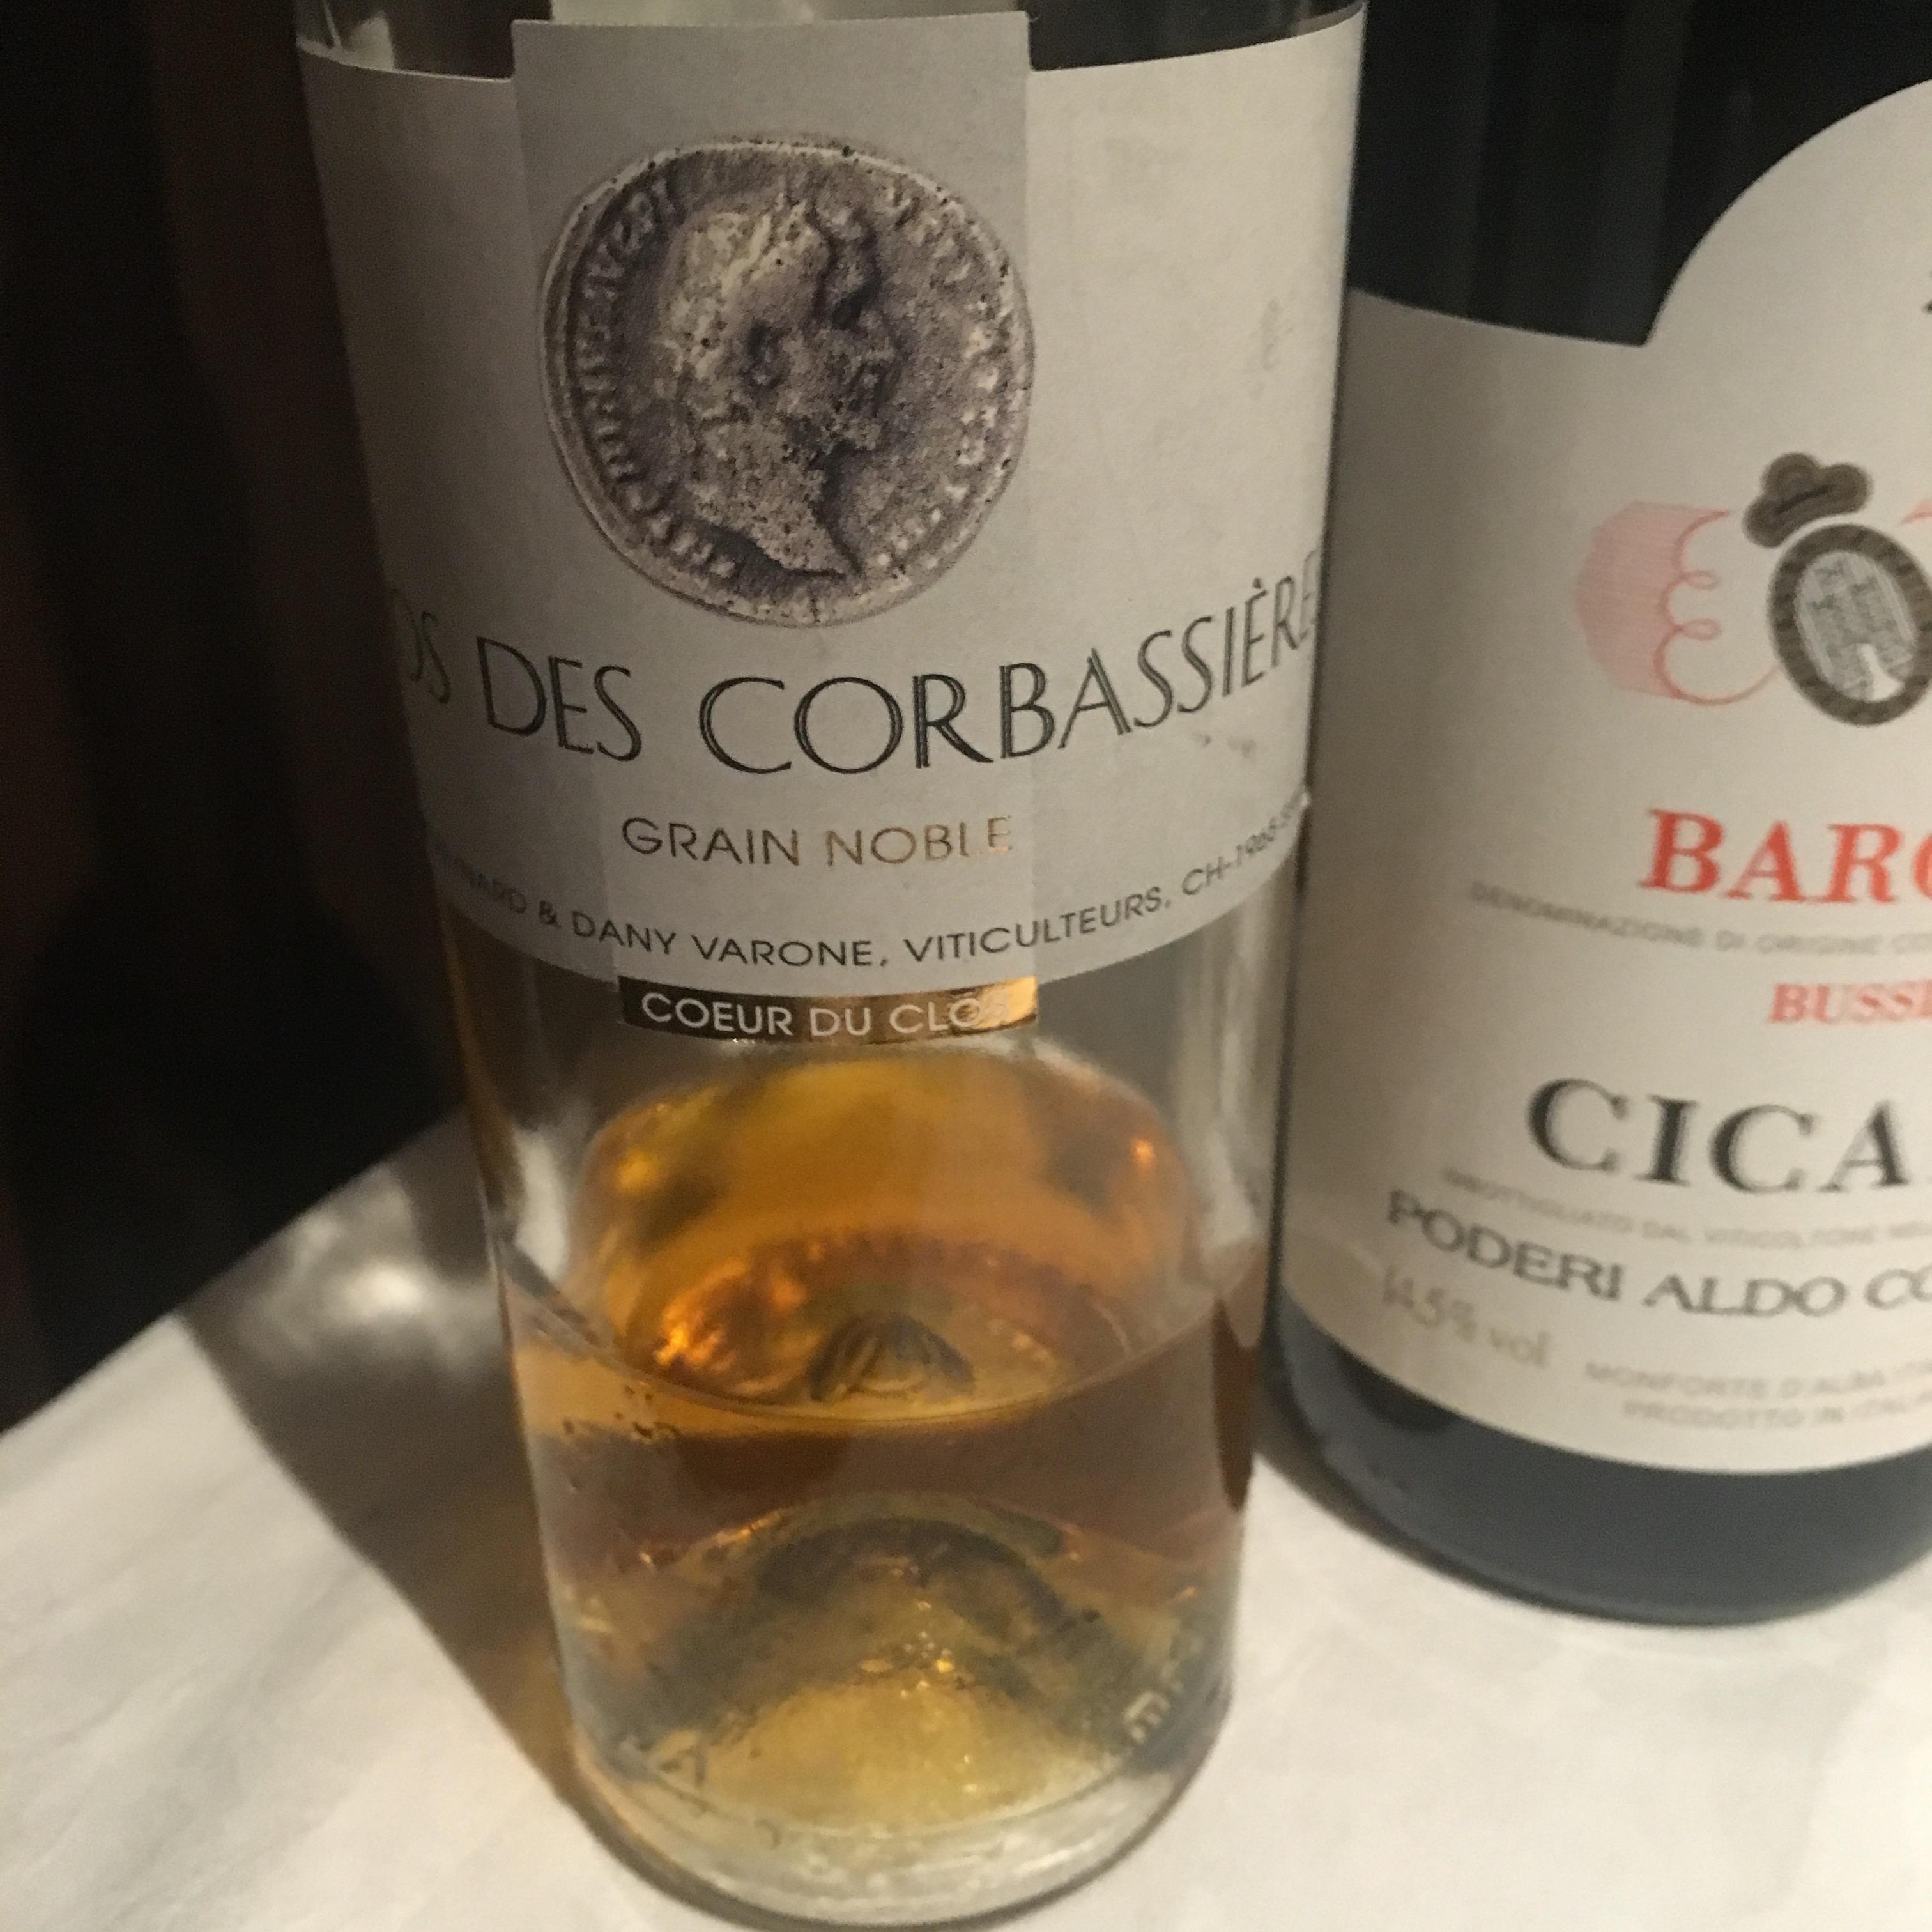 CLOS DES CORBASSIERE Grain Noble Cœur du Clos